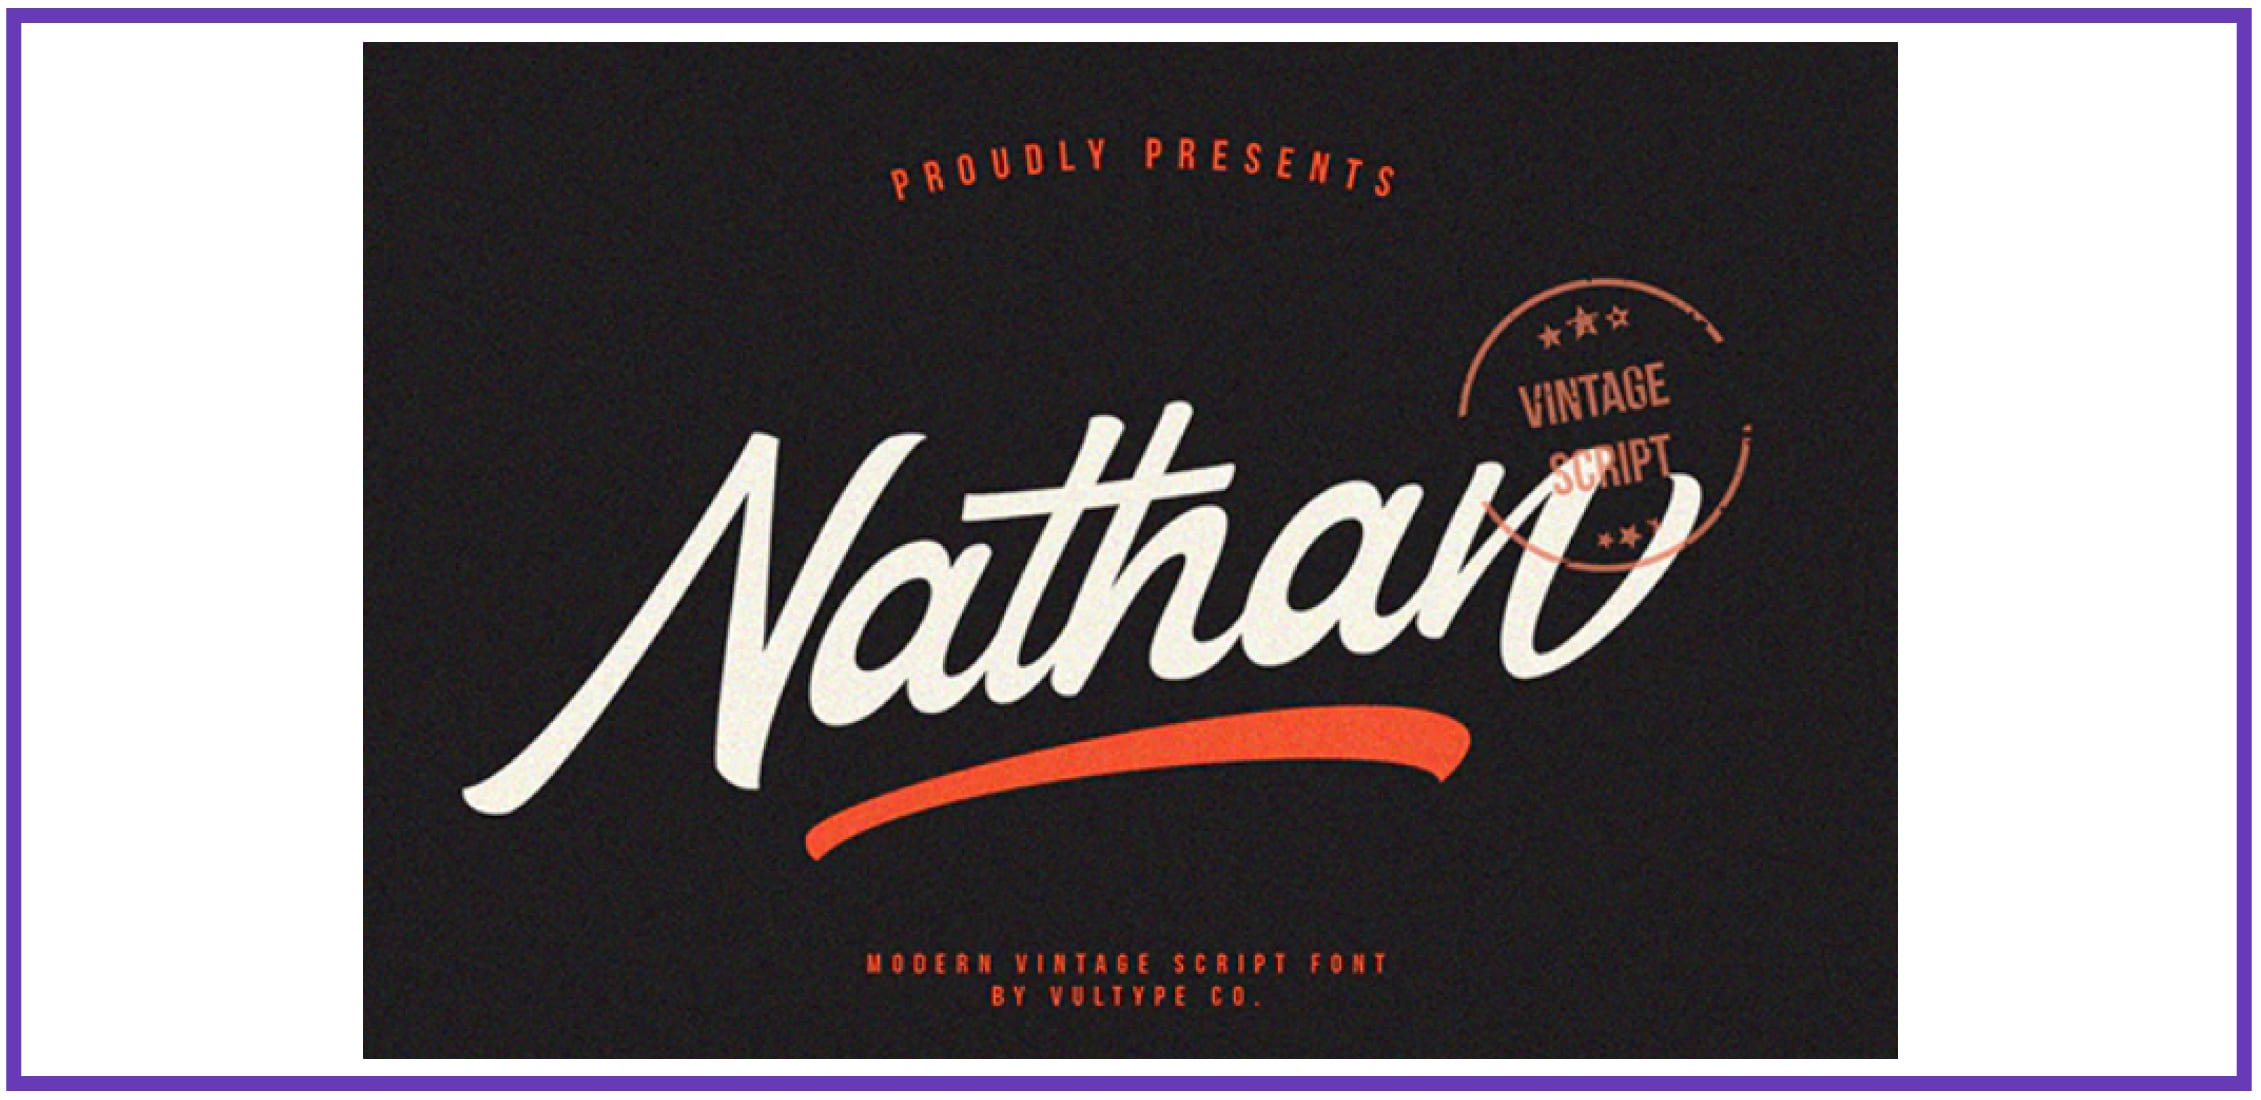 Nathan - Vintage Script Font. Best Industrial Fonts.